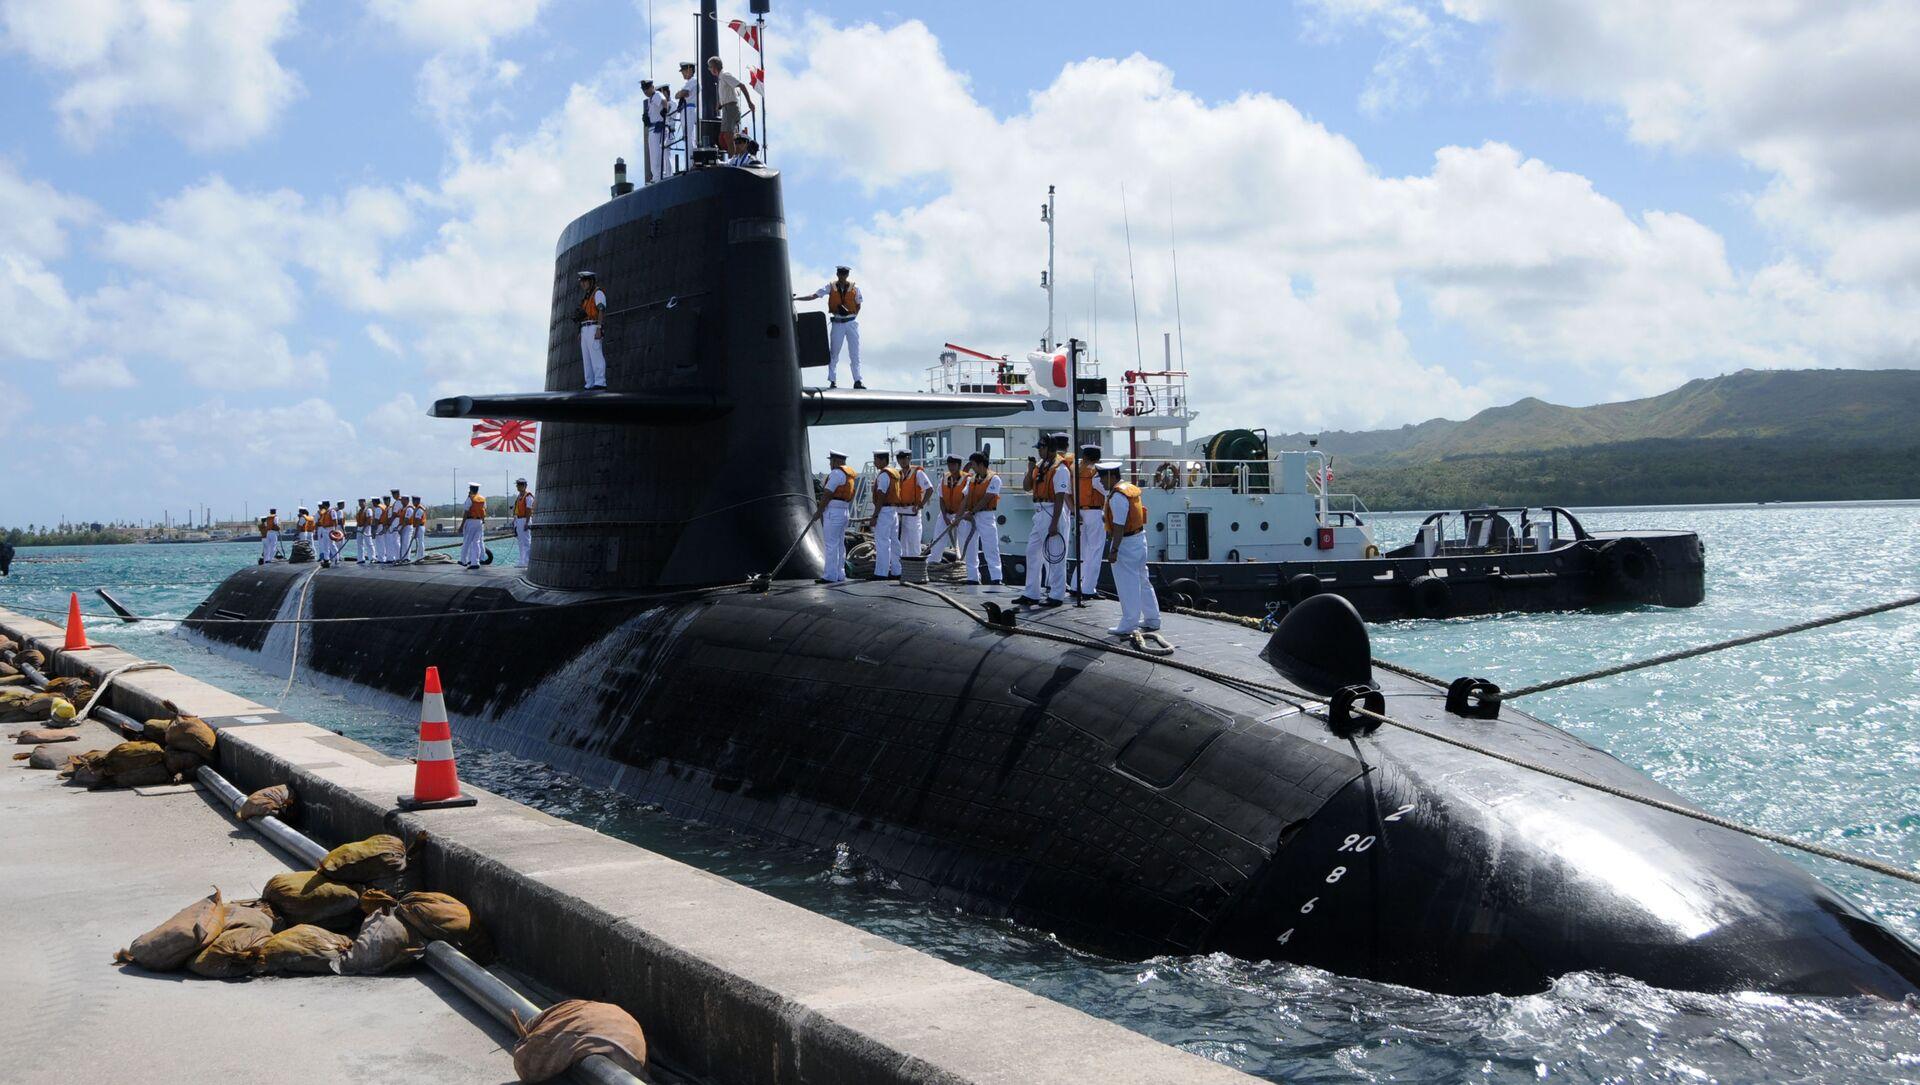 Giappone, sottomarino militare si scontra con nave mercantile, 3 feriti - Sputnik Italia, 1920, 08.02.2021